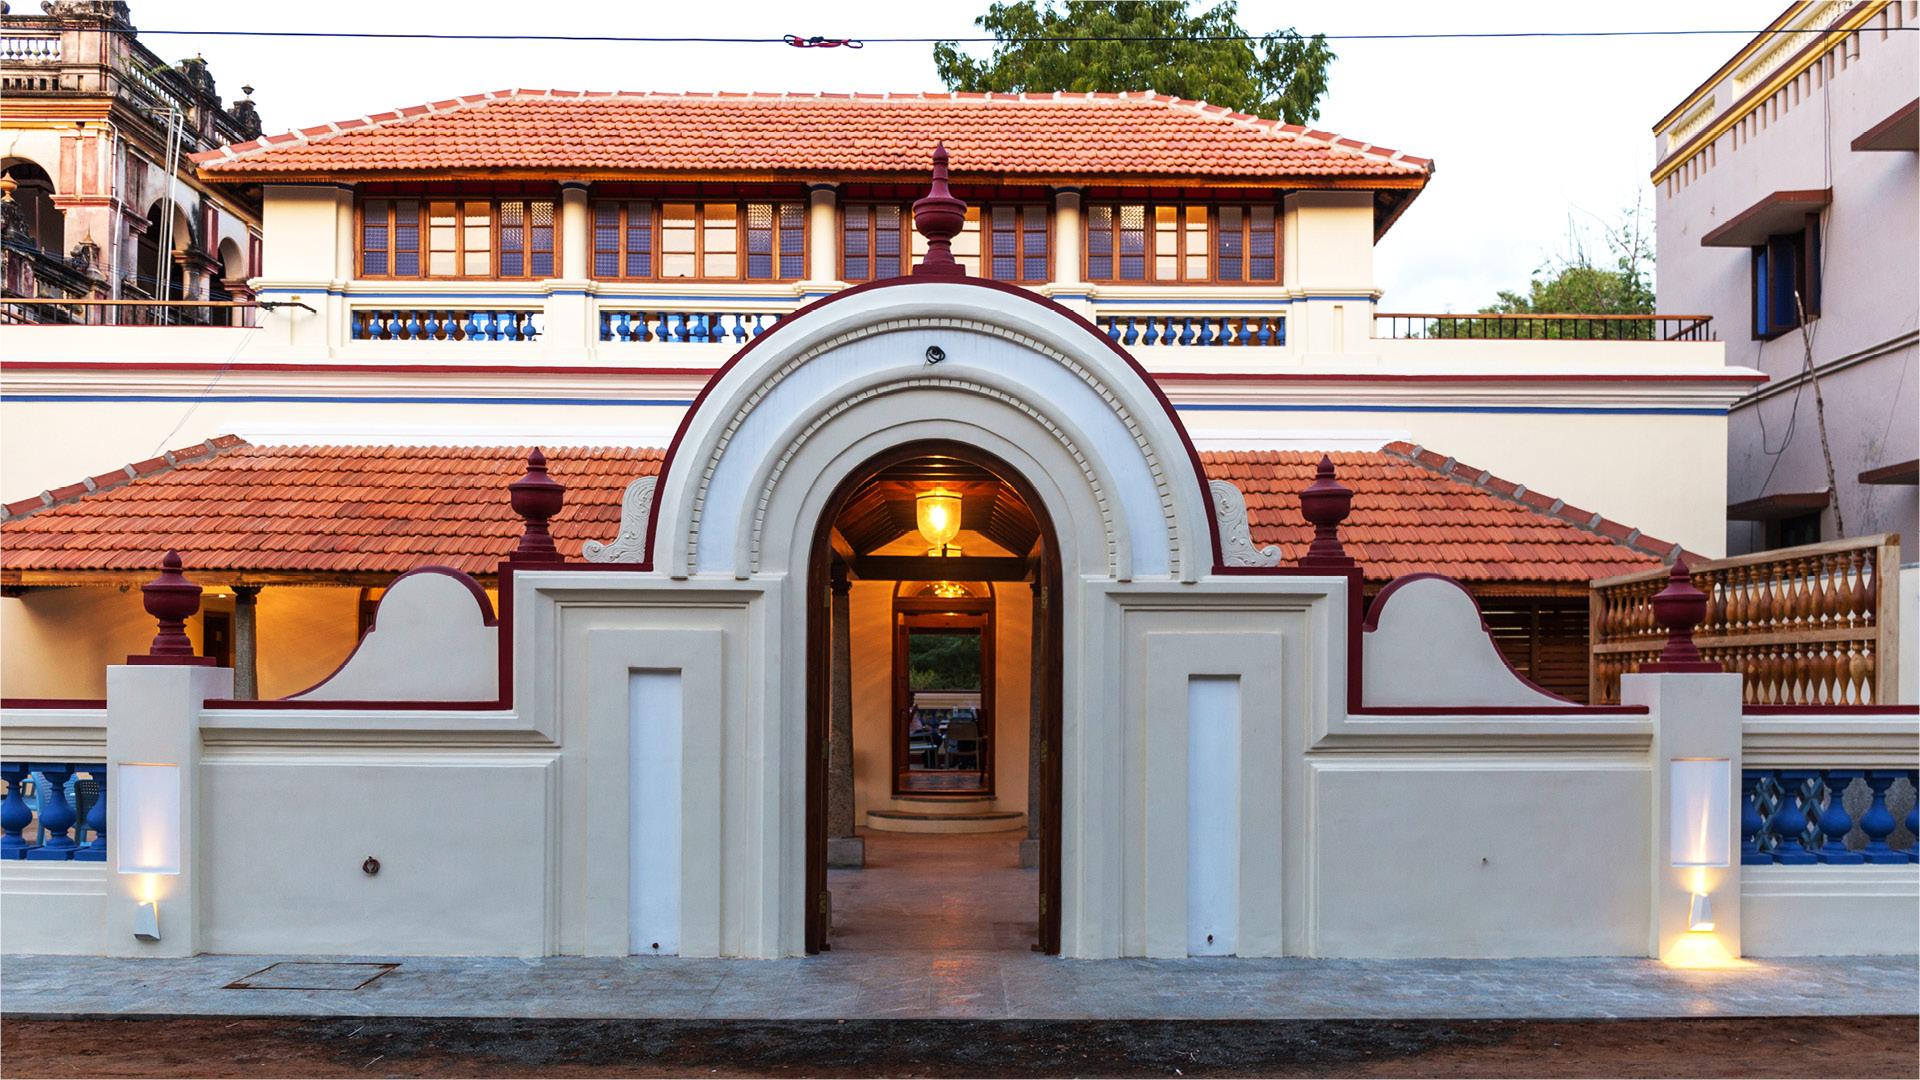 The Vaadhyar's House